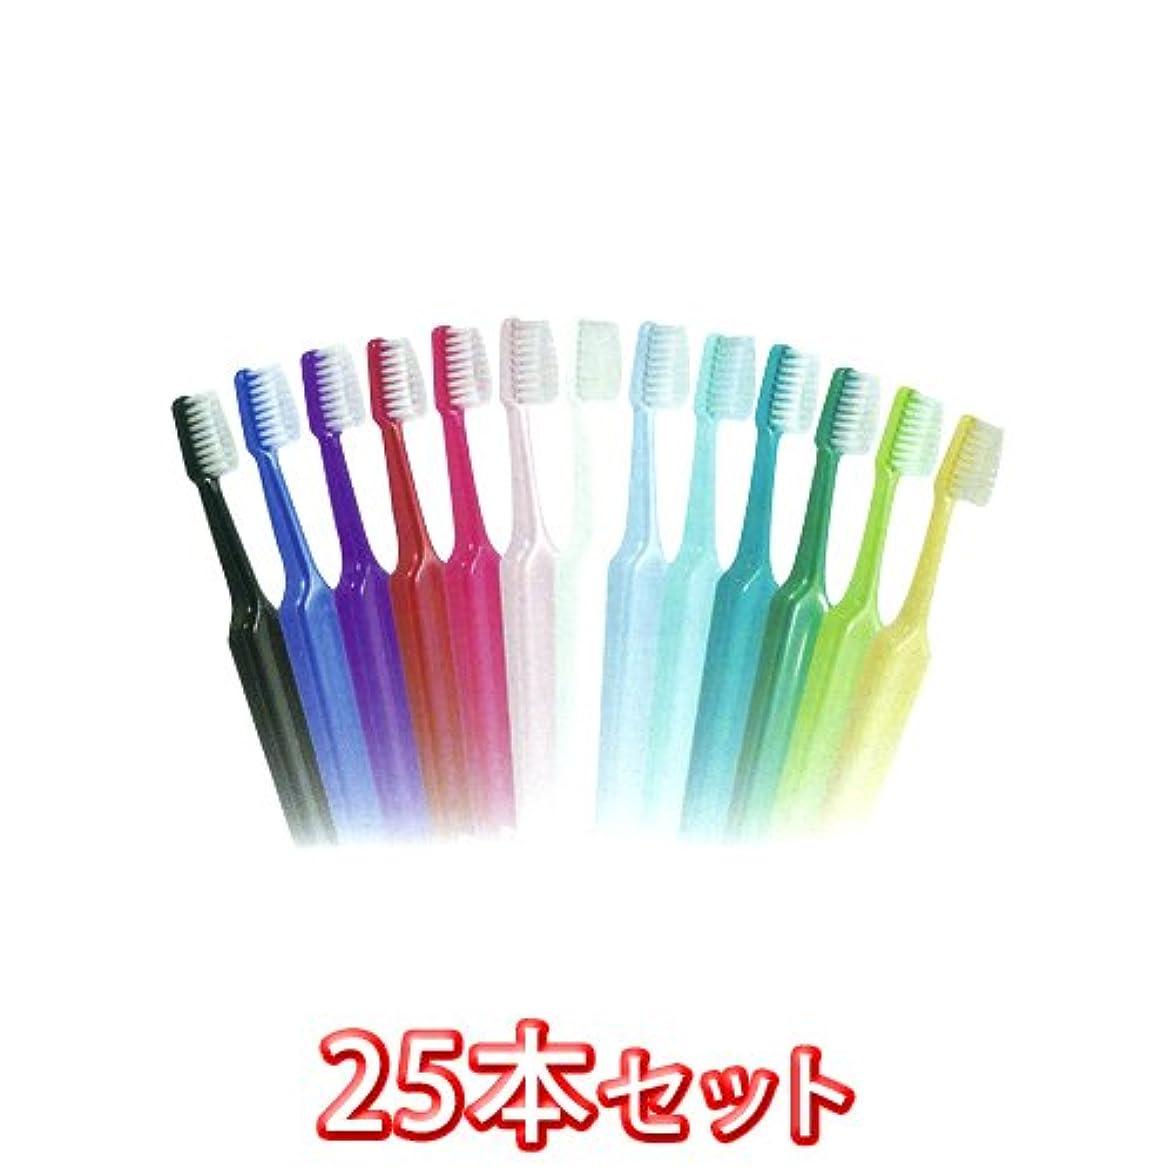 有効司令官ムスタチオTePe (テペ) セレクトミディアム 歯ブラシ 25本入